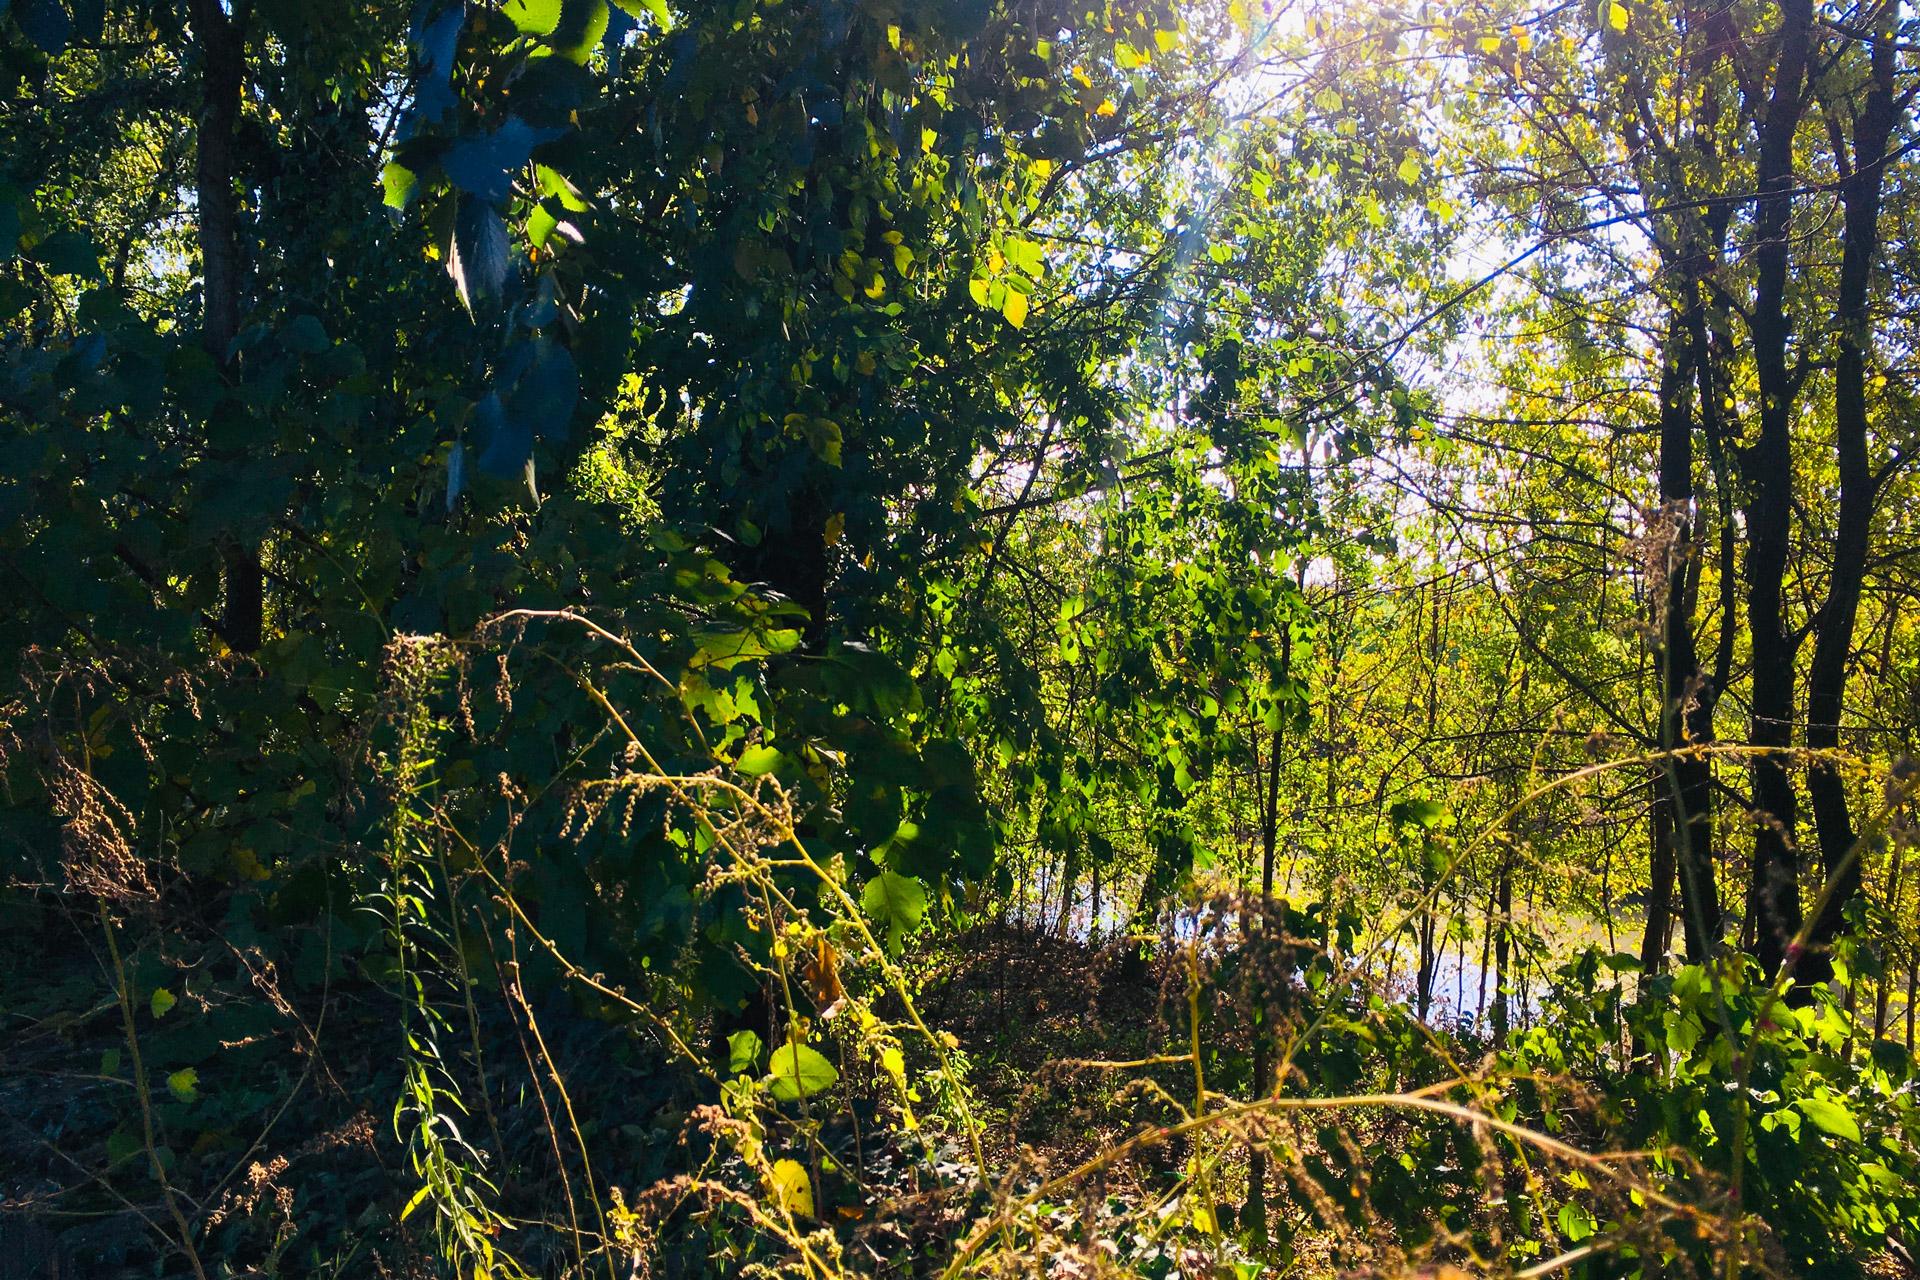 Cartura_scorcio della vegetazione campestre